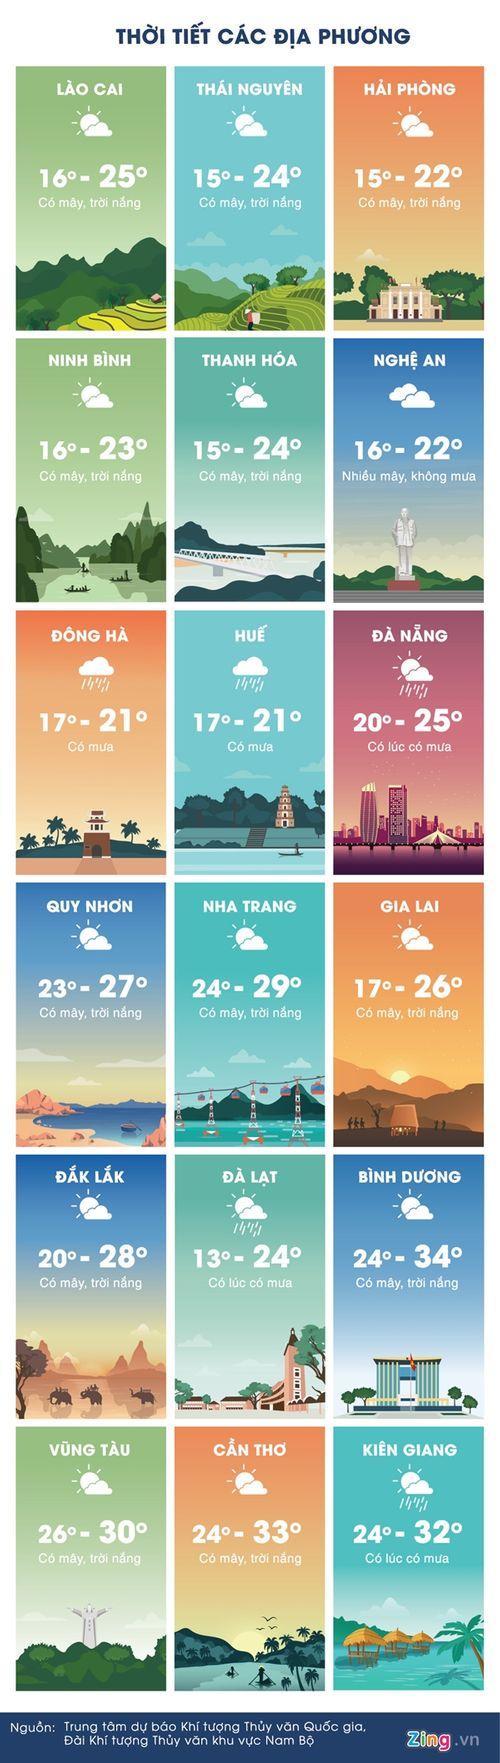 Dự báo thời tiết ngày 8/4: Hà Nội ấm dần, TP.HCM nắng nóng mở rộng - Ảnh 3